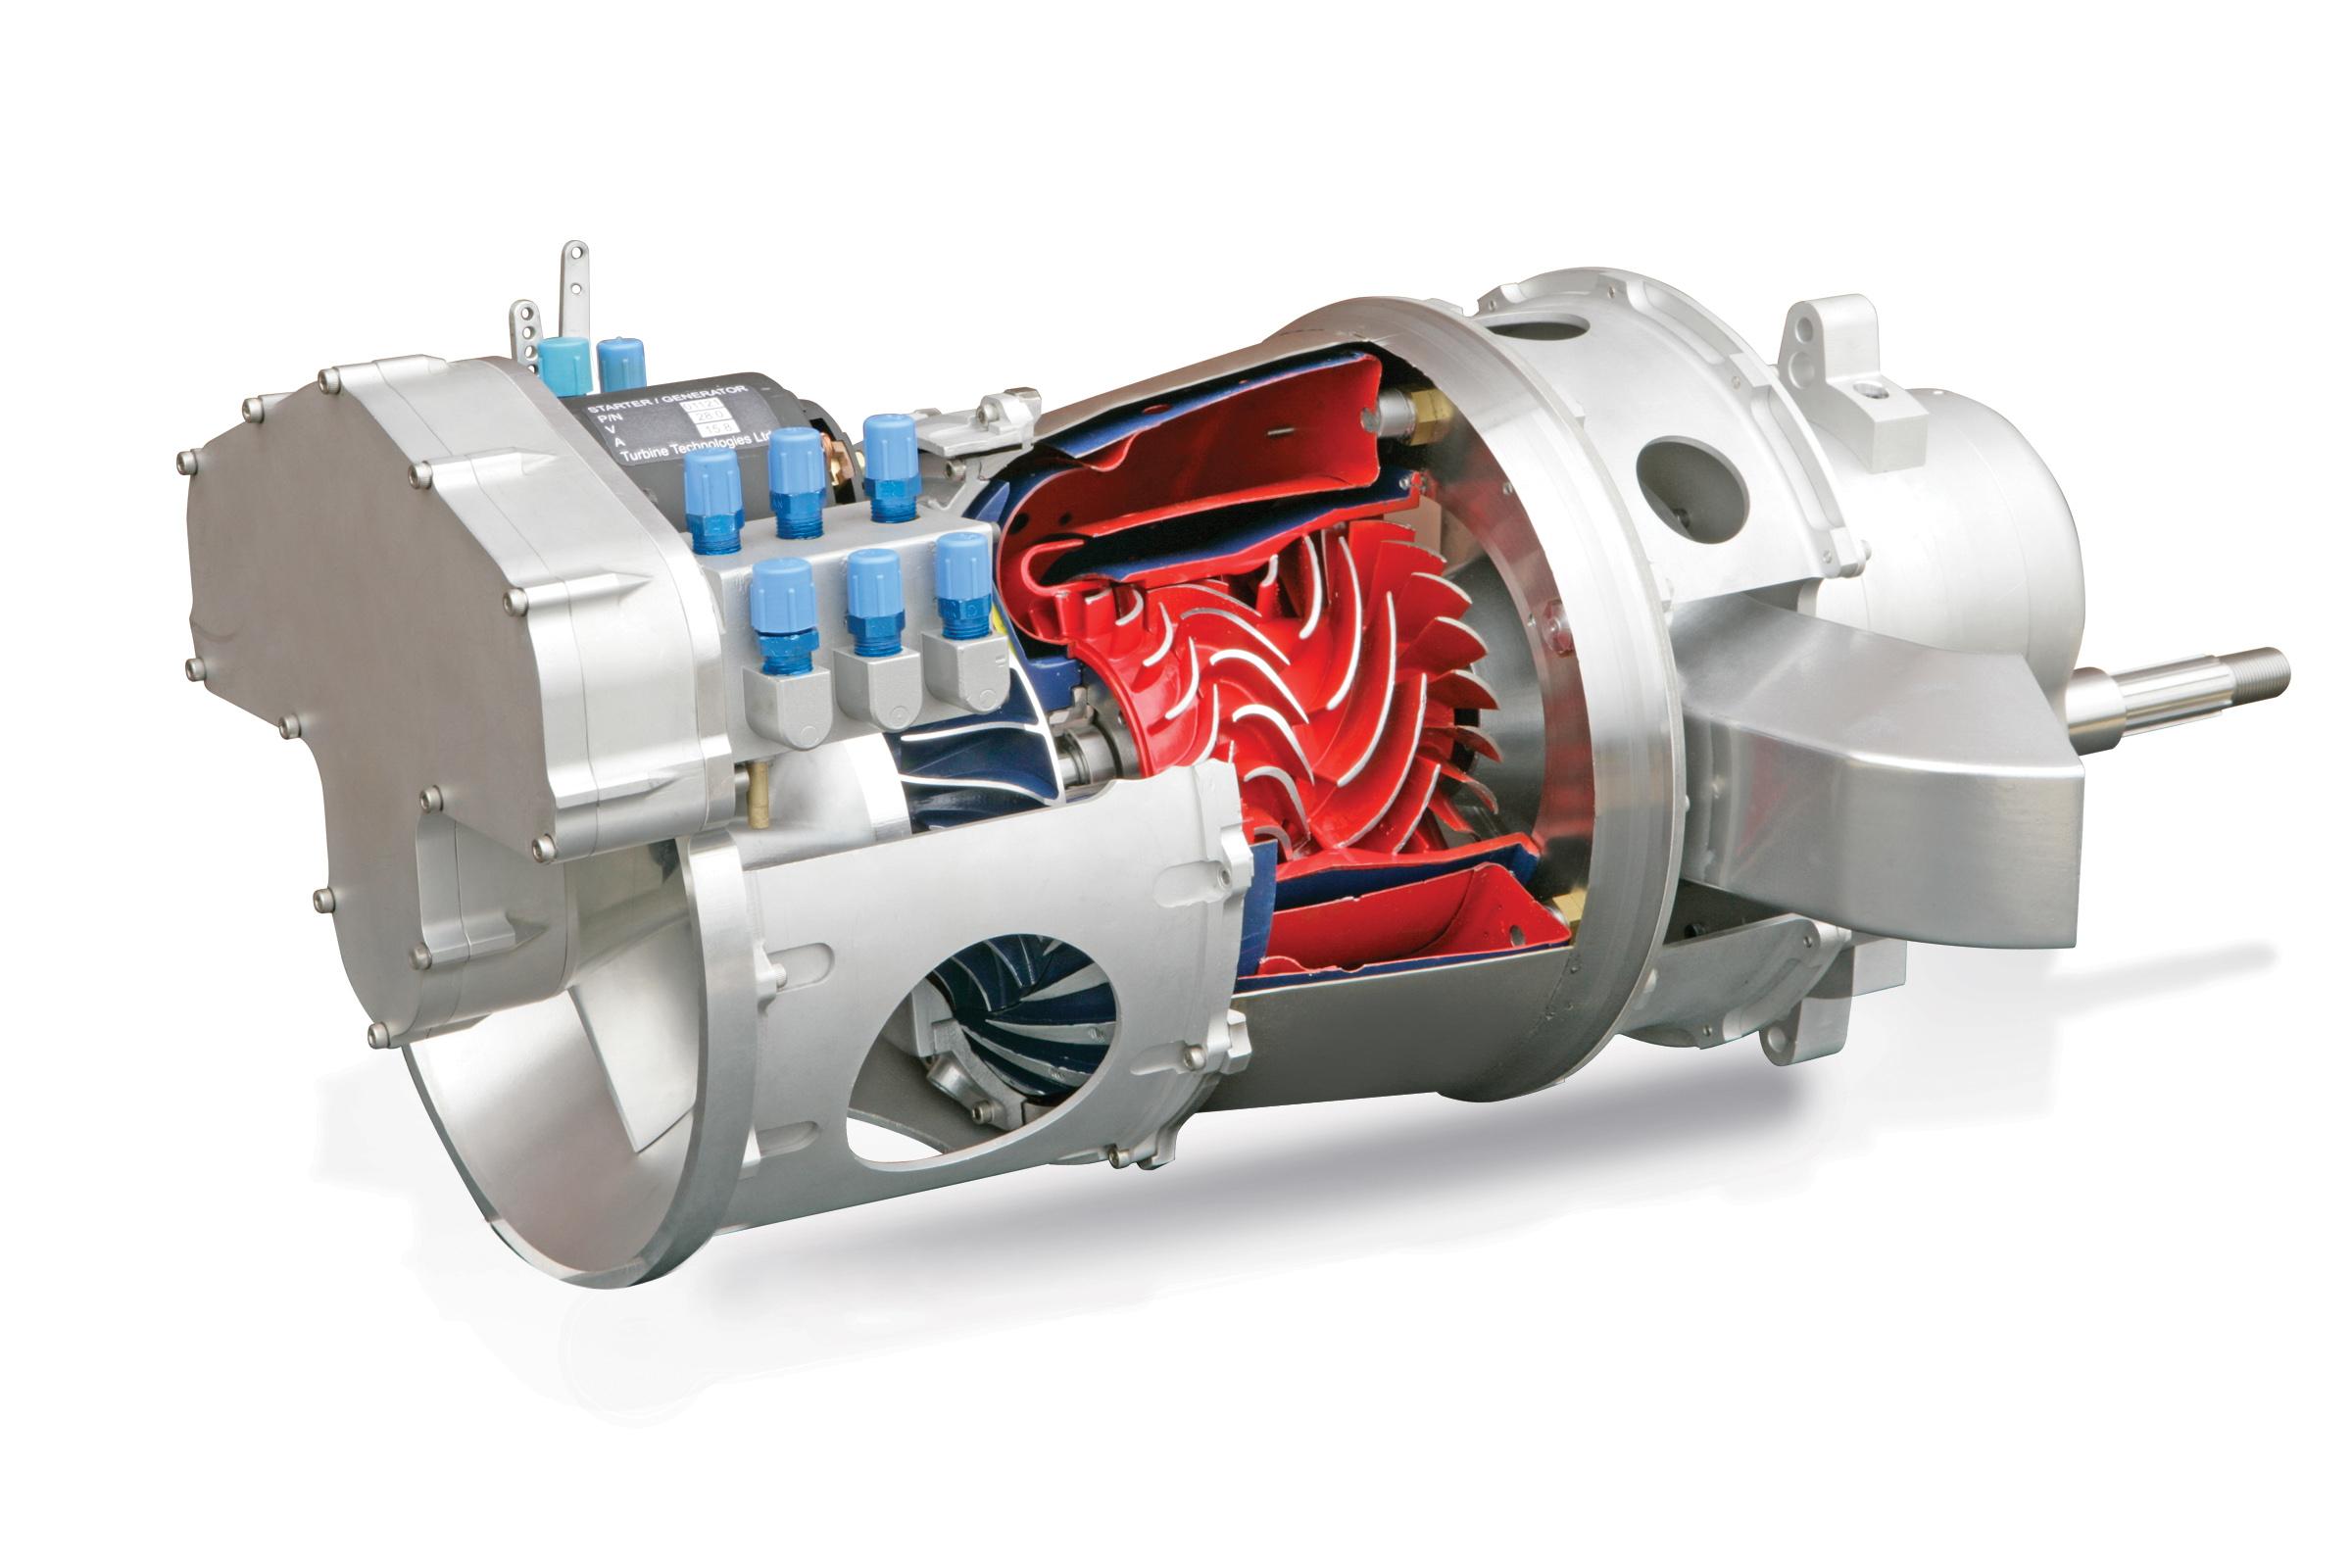 turboshaft engine monpence